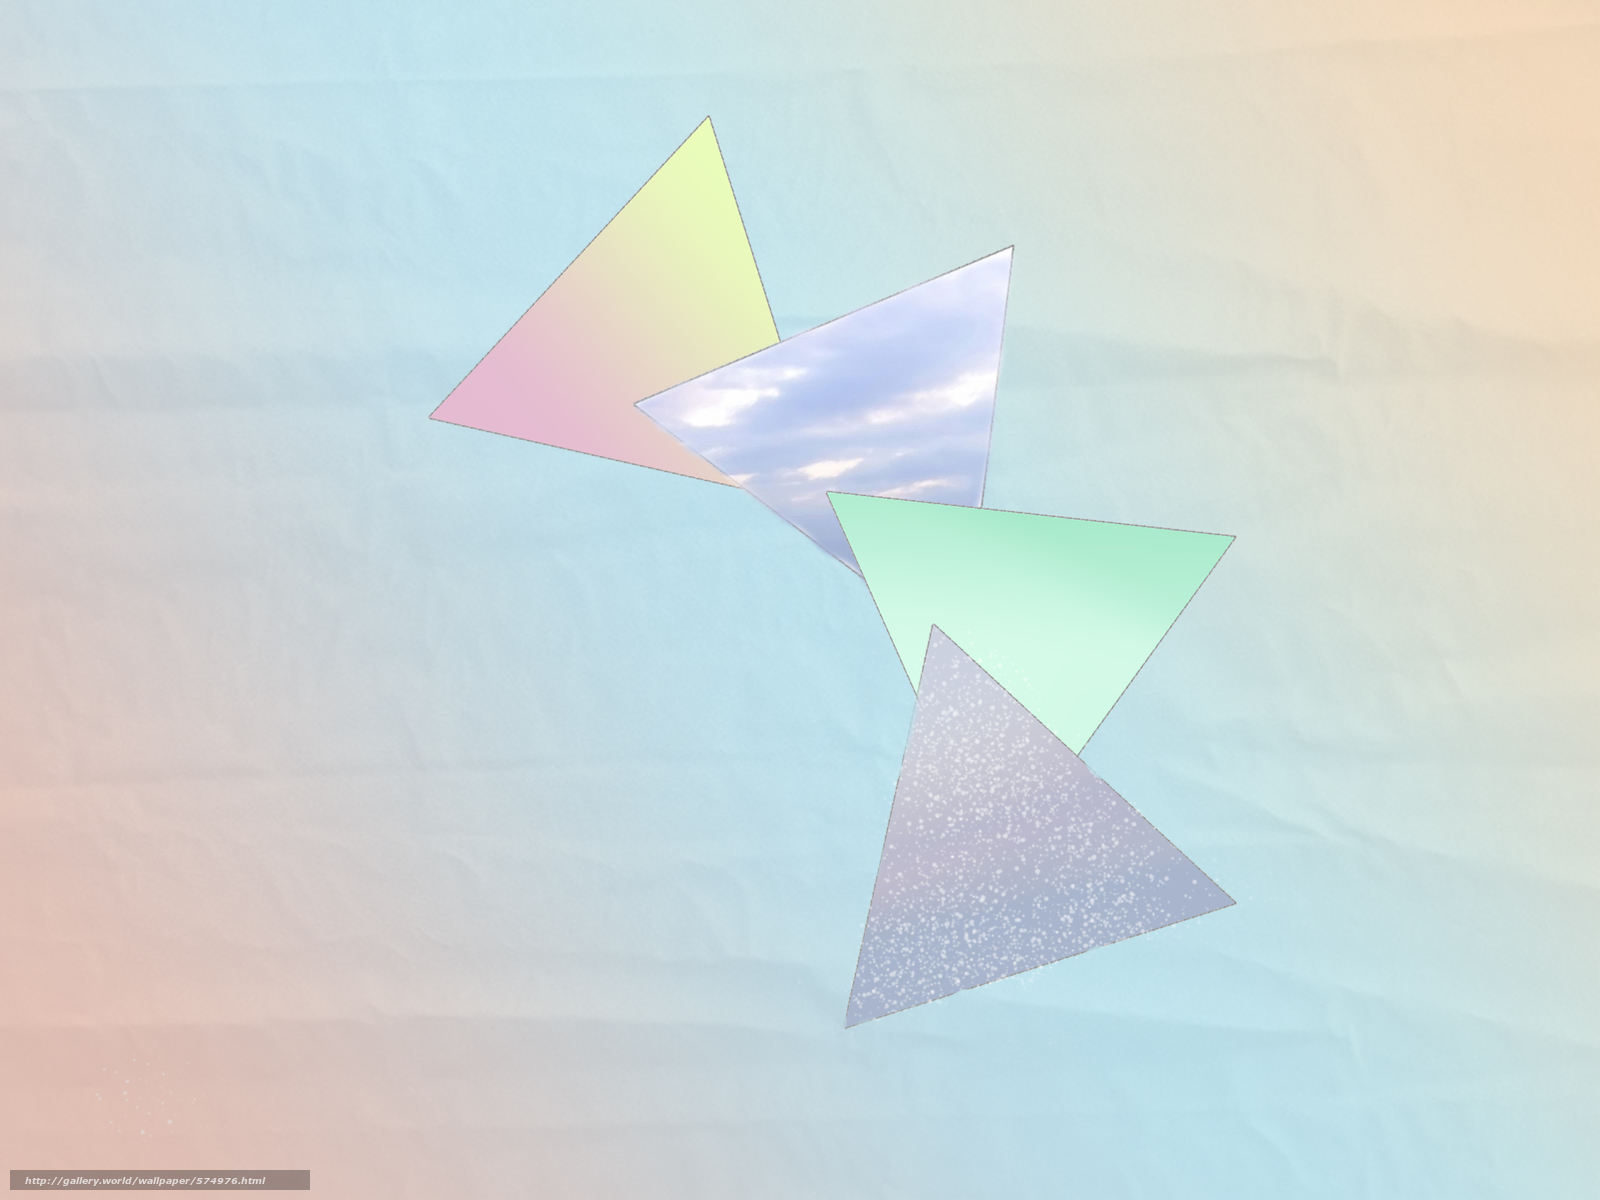 tlcharger fond d 39 ecran couleur g om trie gradient pastel fonds d 39 ecran gratuits pour votre. Black Bedroom Furniture Sets. Home Design Ideas